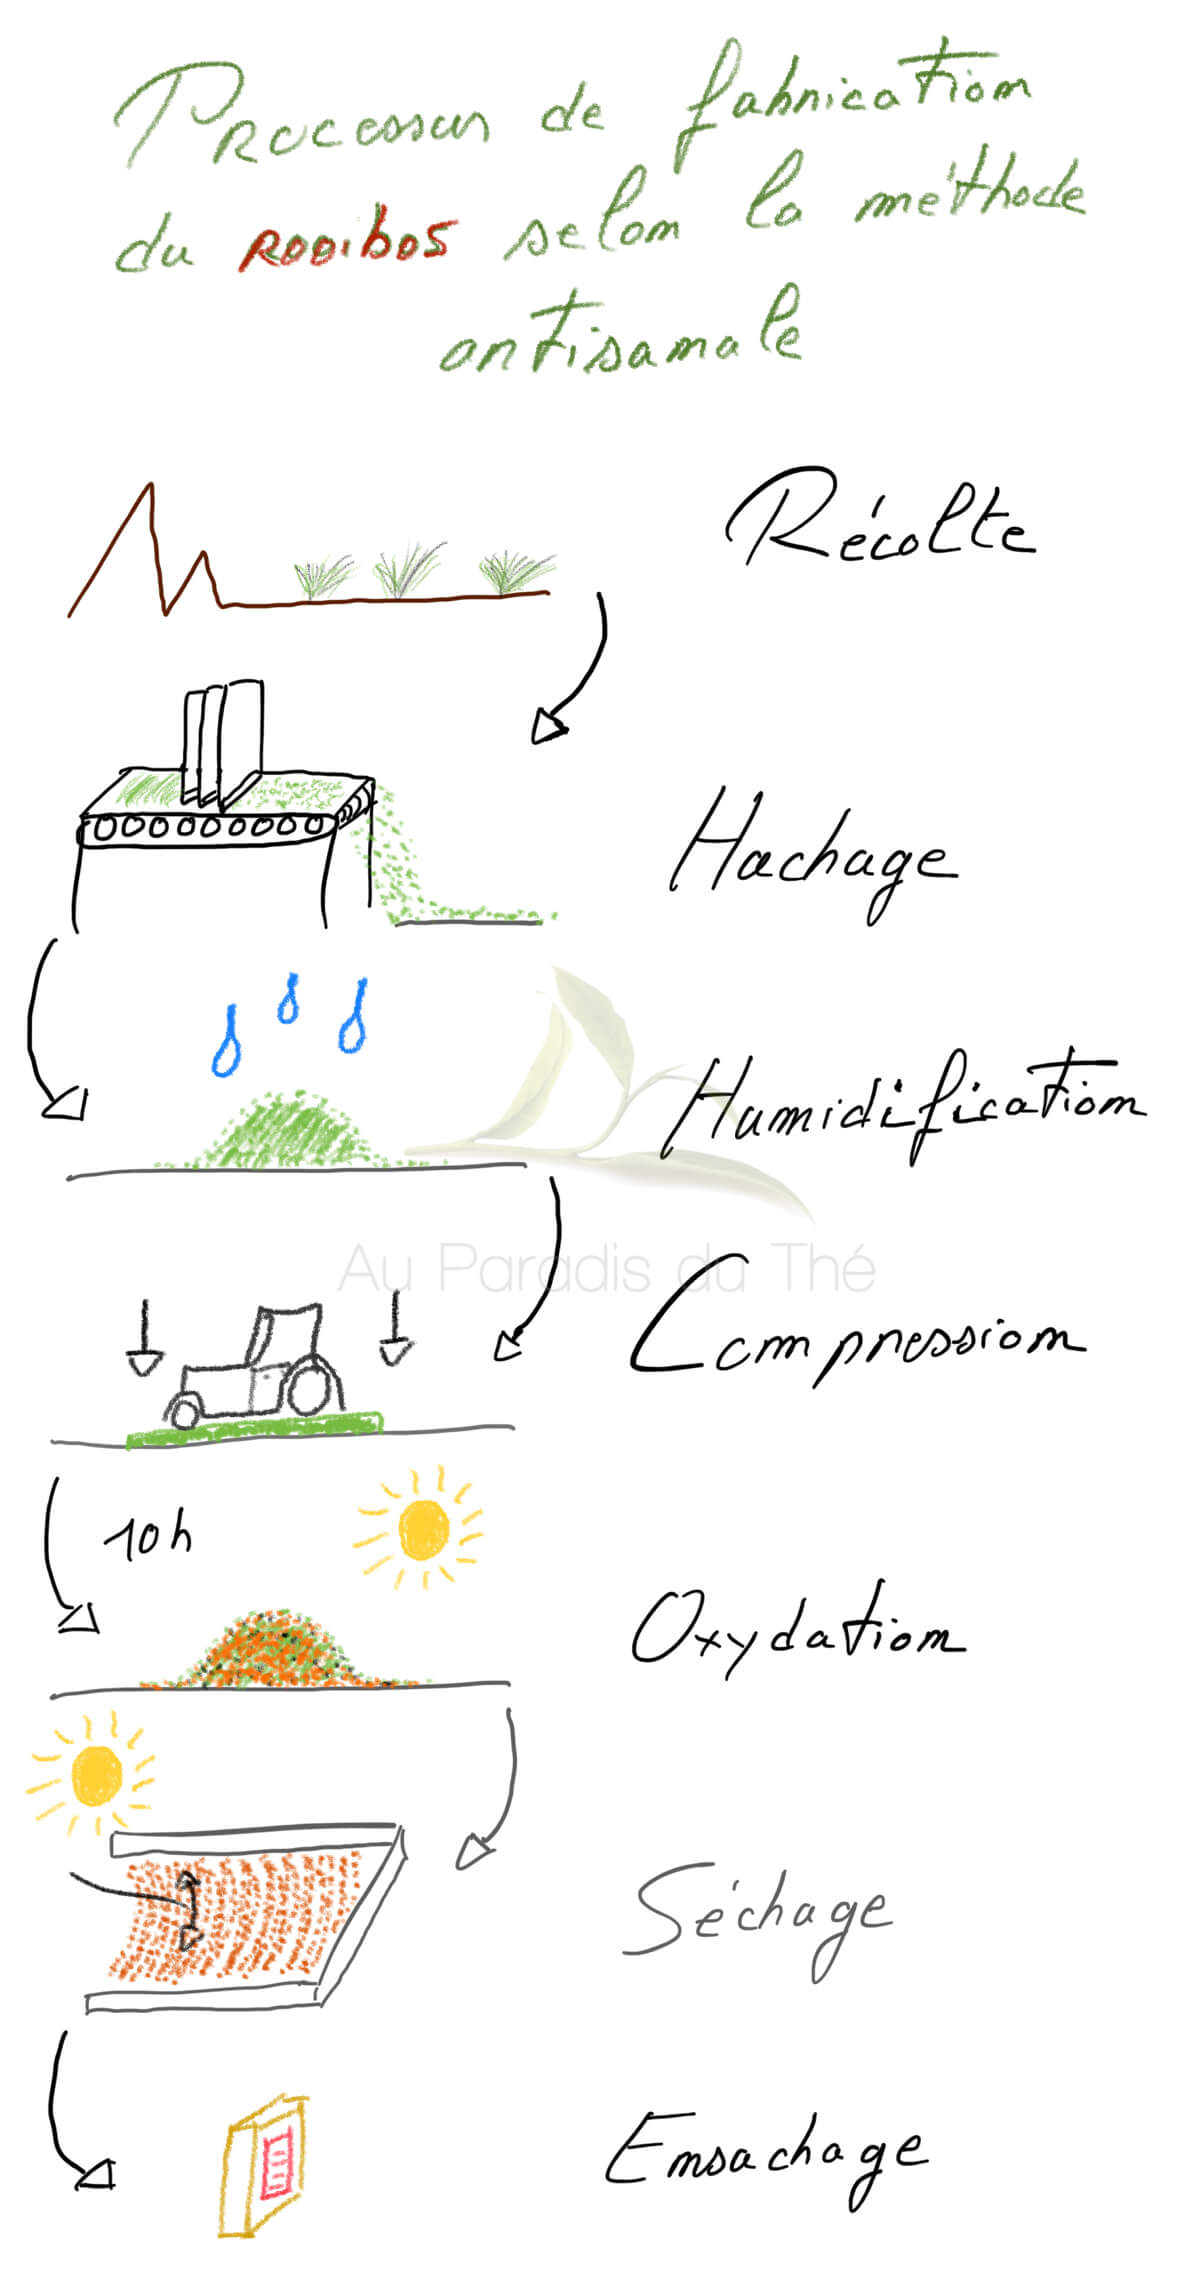 croquis des étapes de fabrication du rooibos